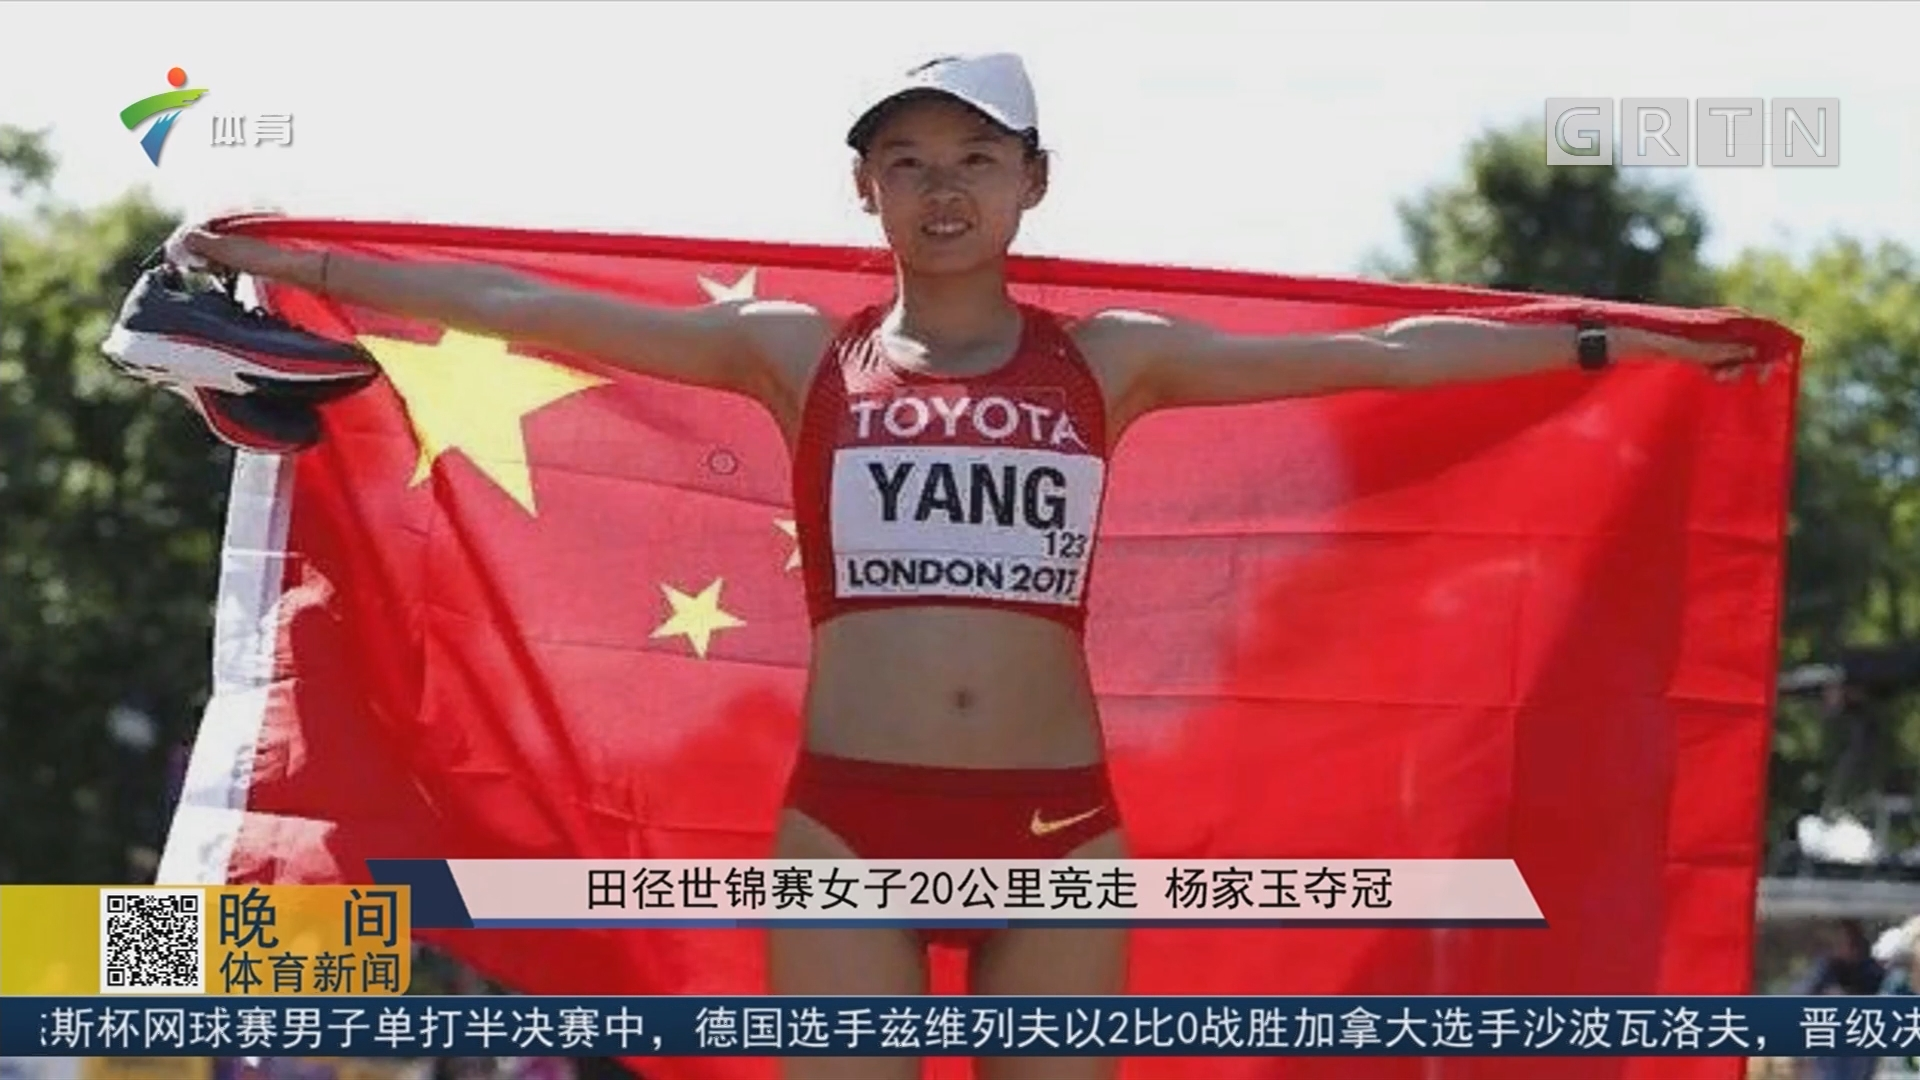 田径世锦赛女子20公里竞走 杨家玉夺冠